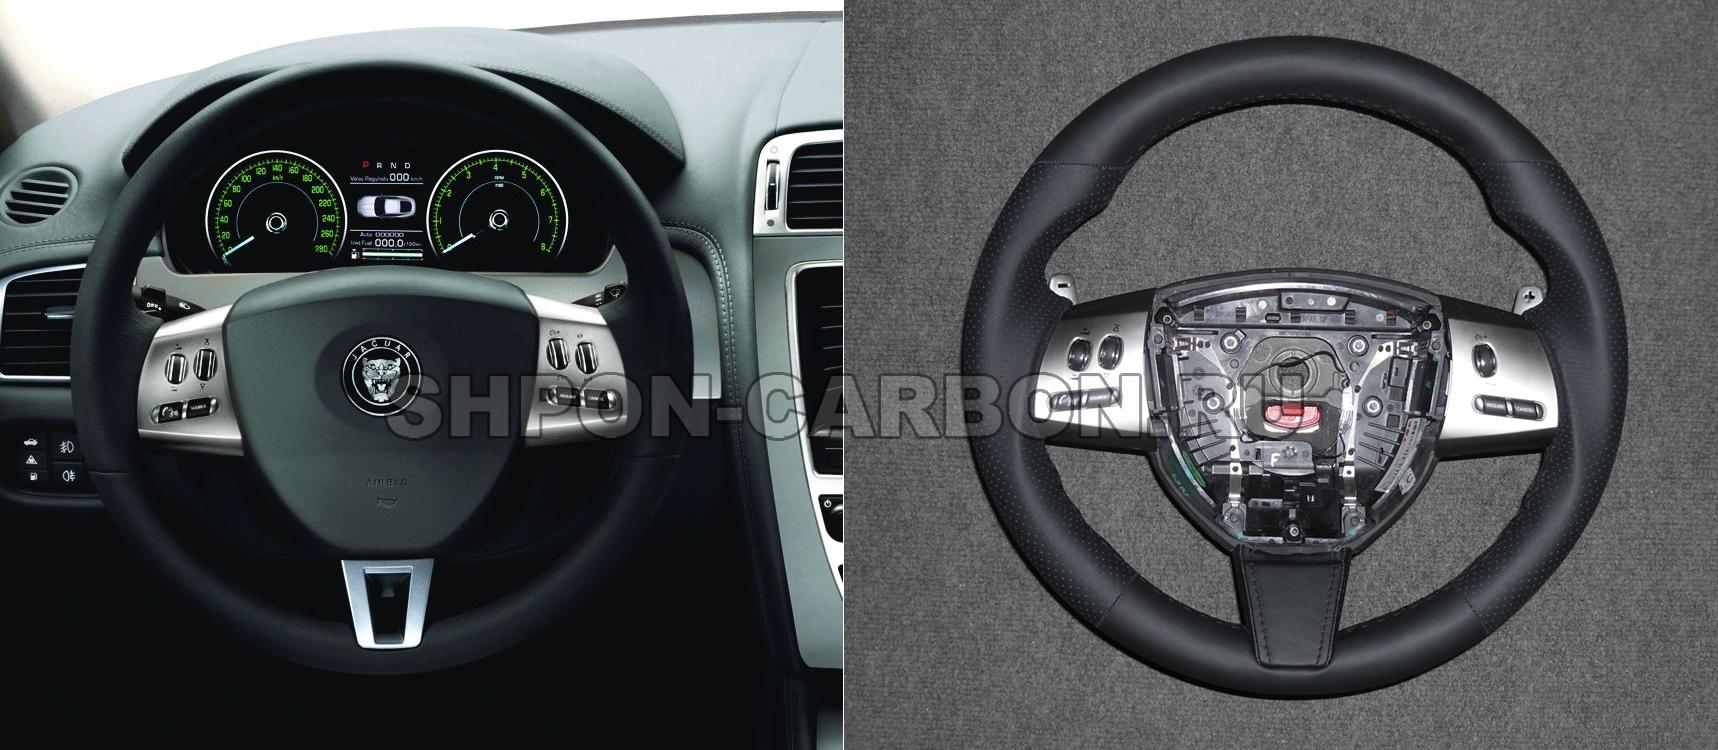 Изменение анатомии руля + сохранение подогрева + перетяжка руля в кожу автомобиля Jaguar XKR (Ягуар ХКР)